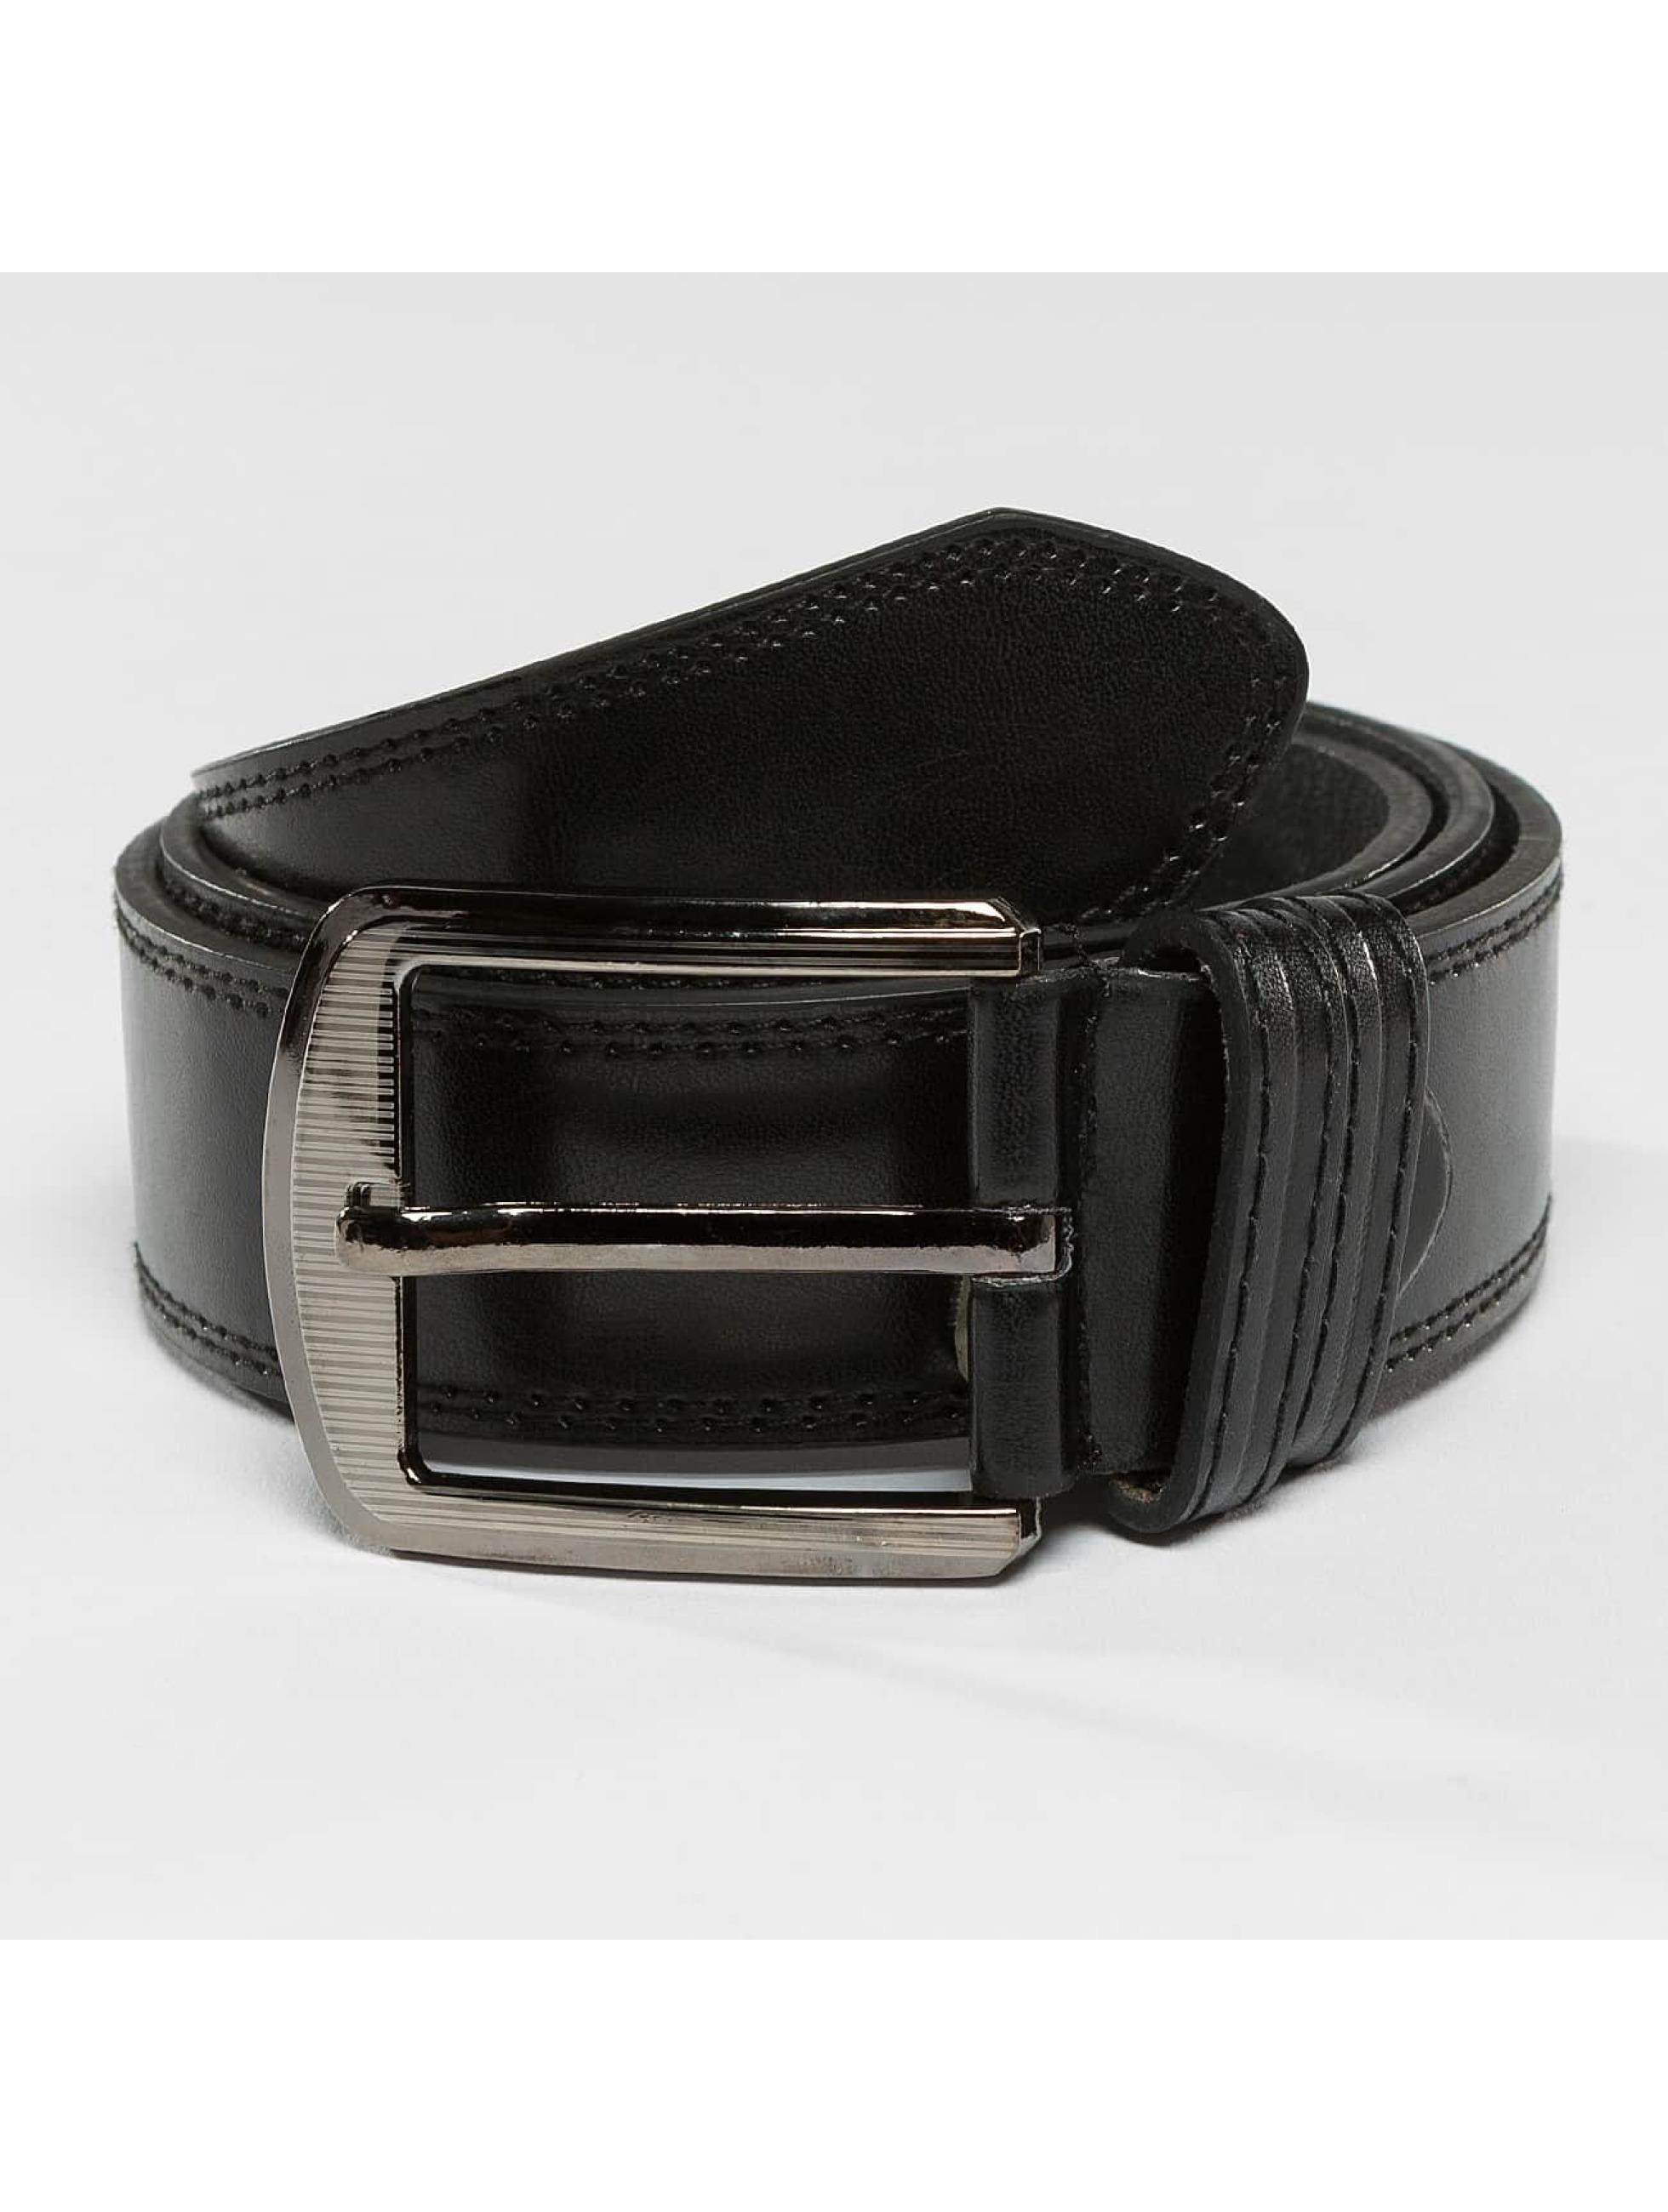 Kaiser Jewelry Männer,Frauen Gürtel Leather in schwarz